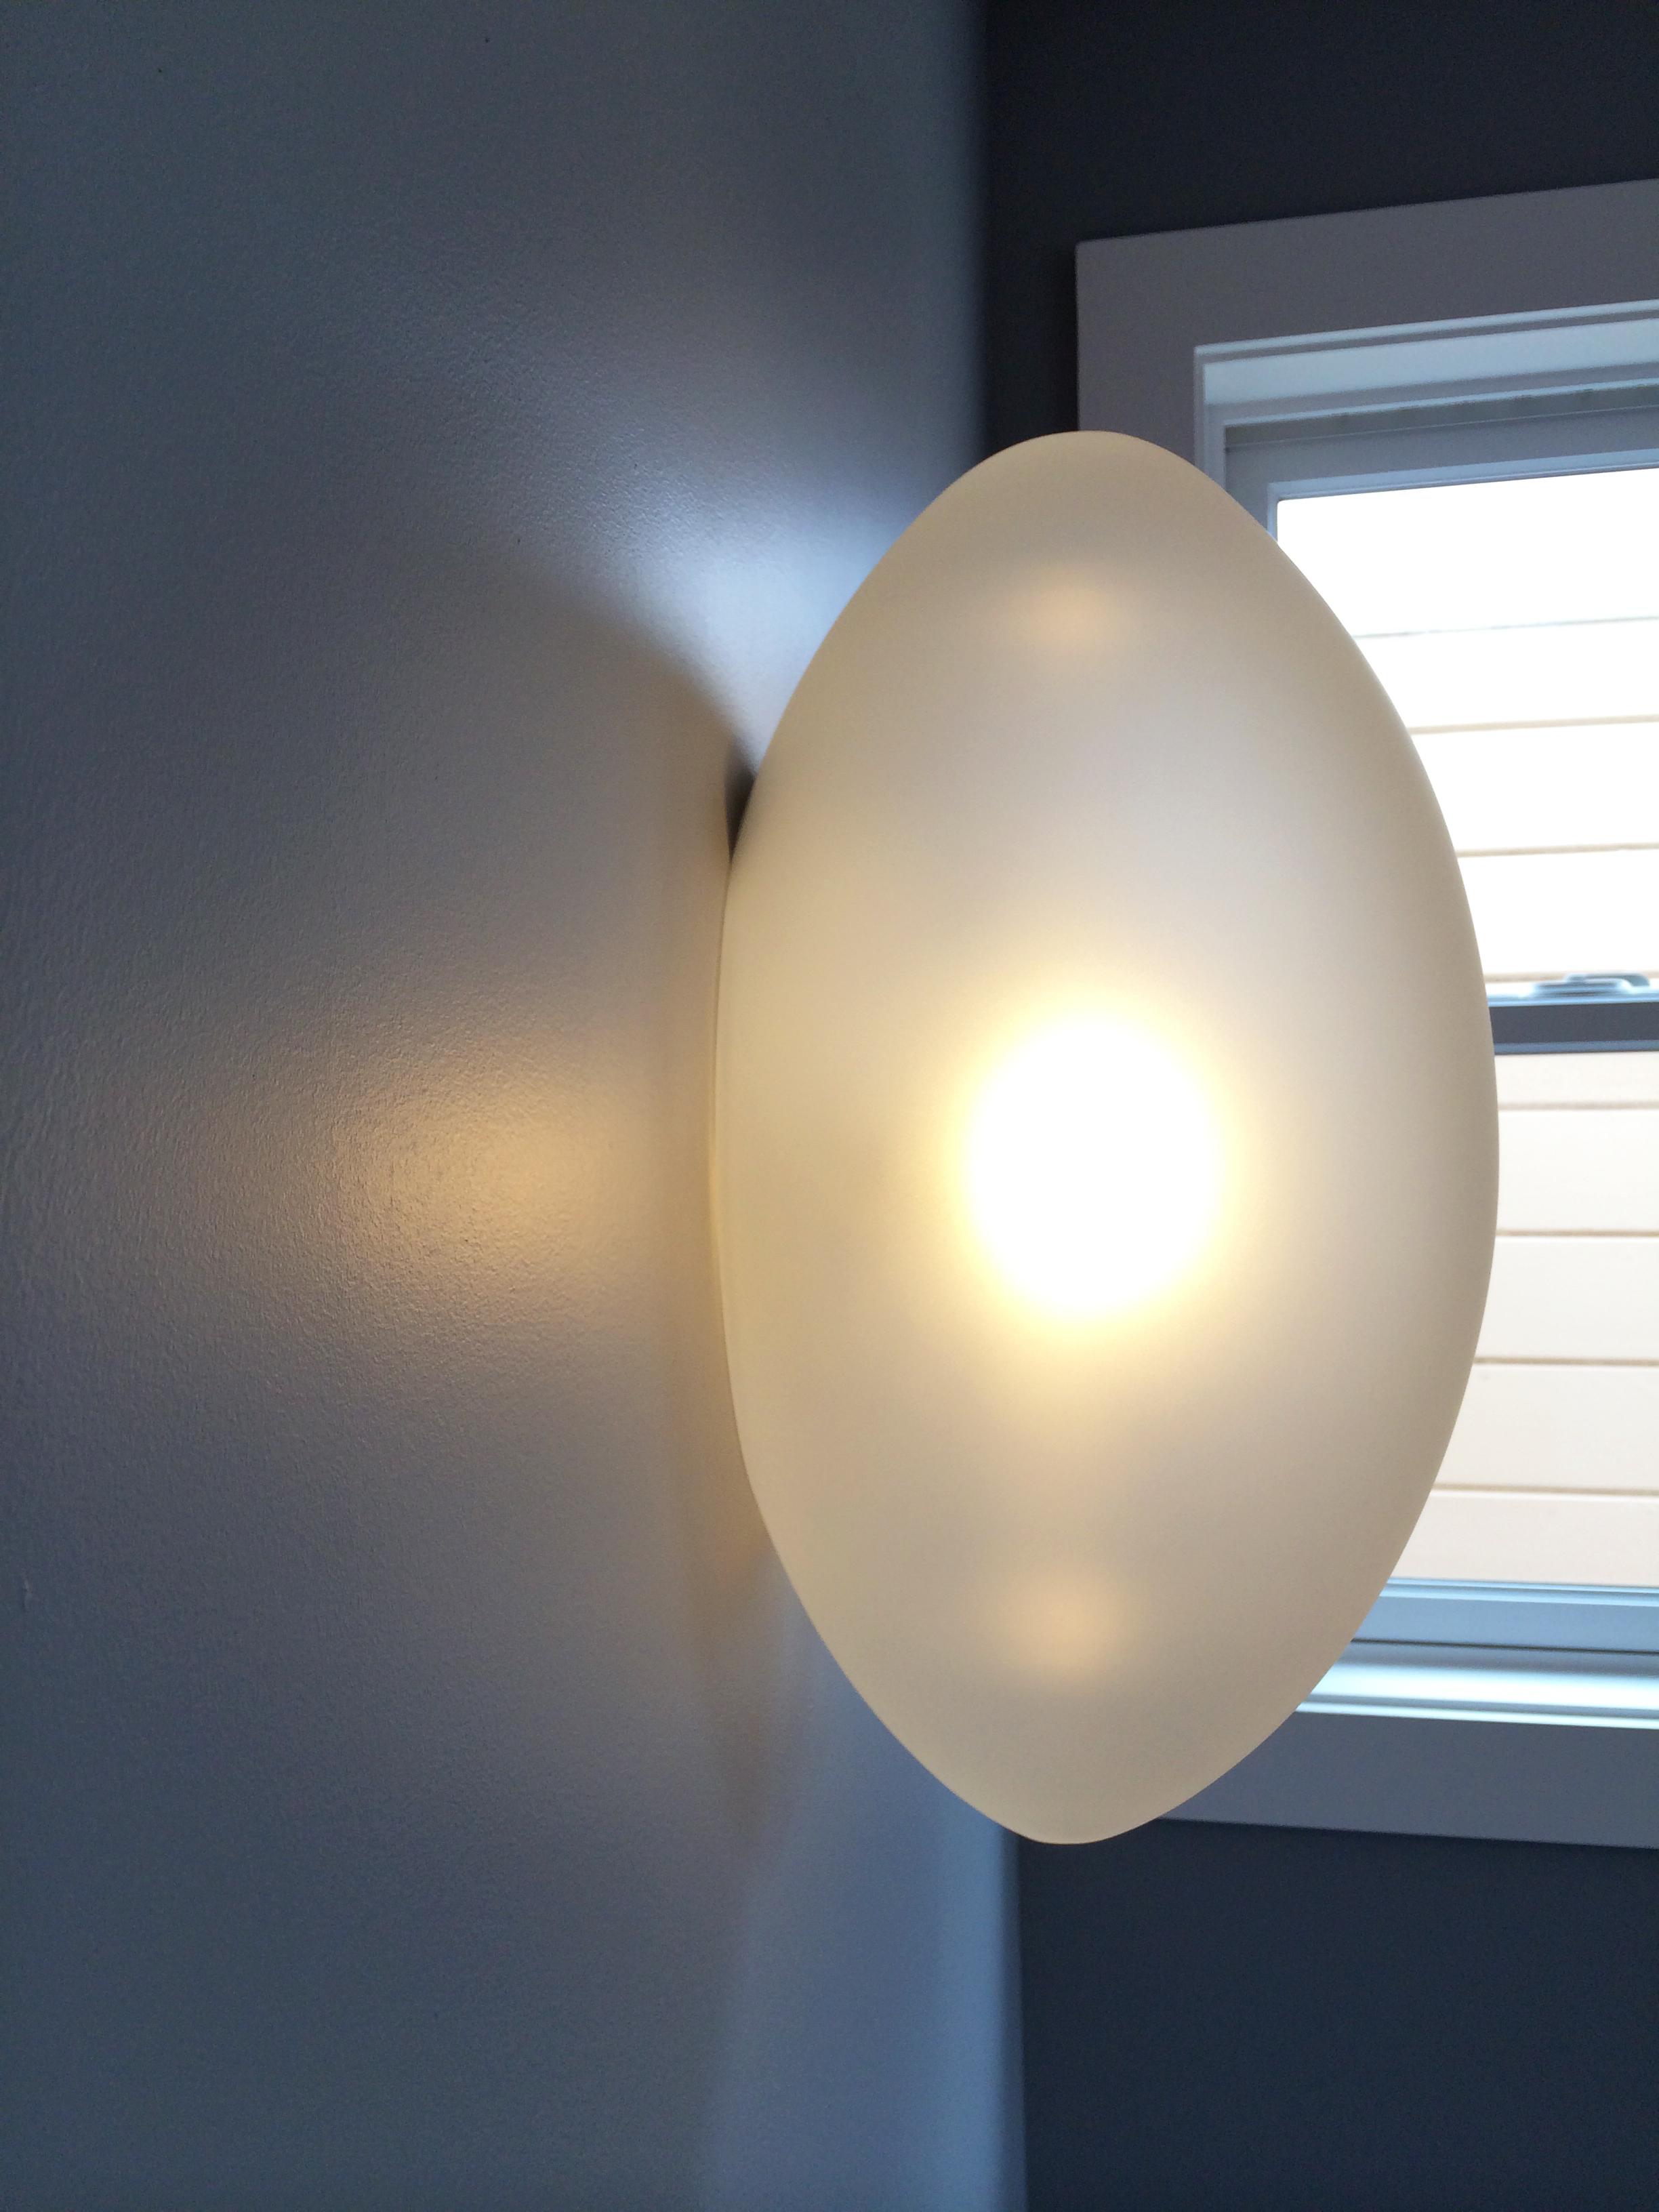 Egg, Illuminated